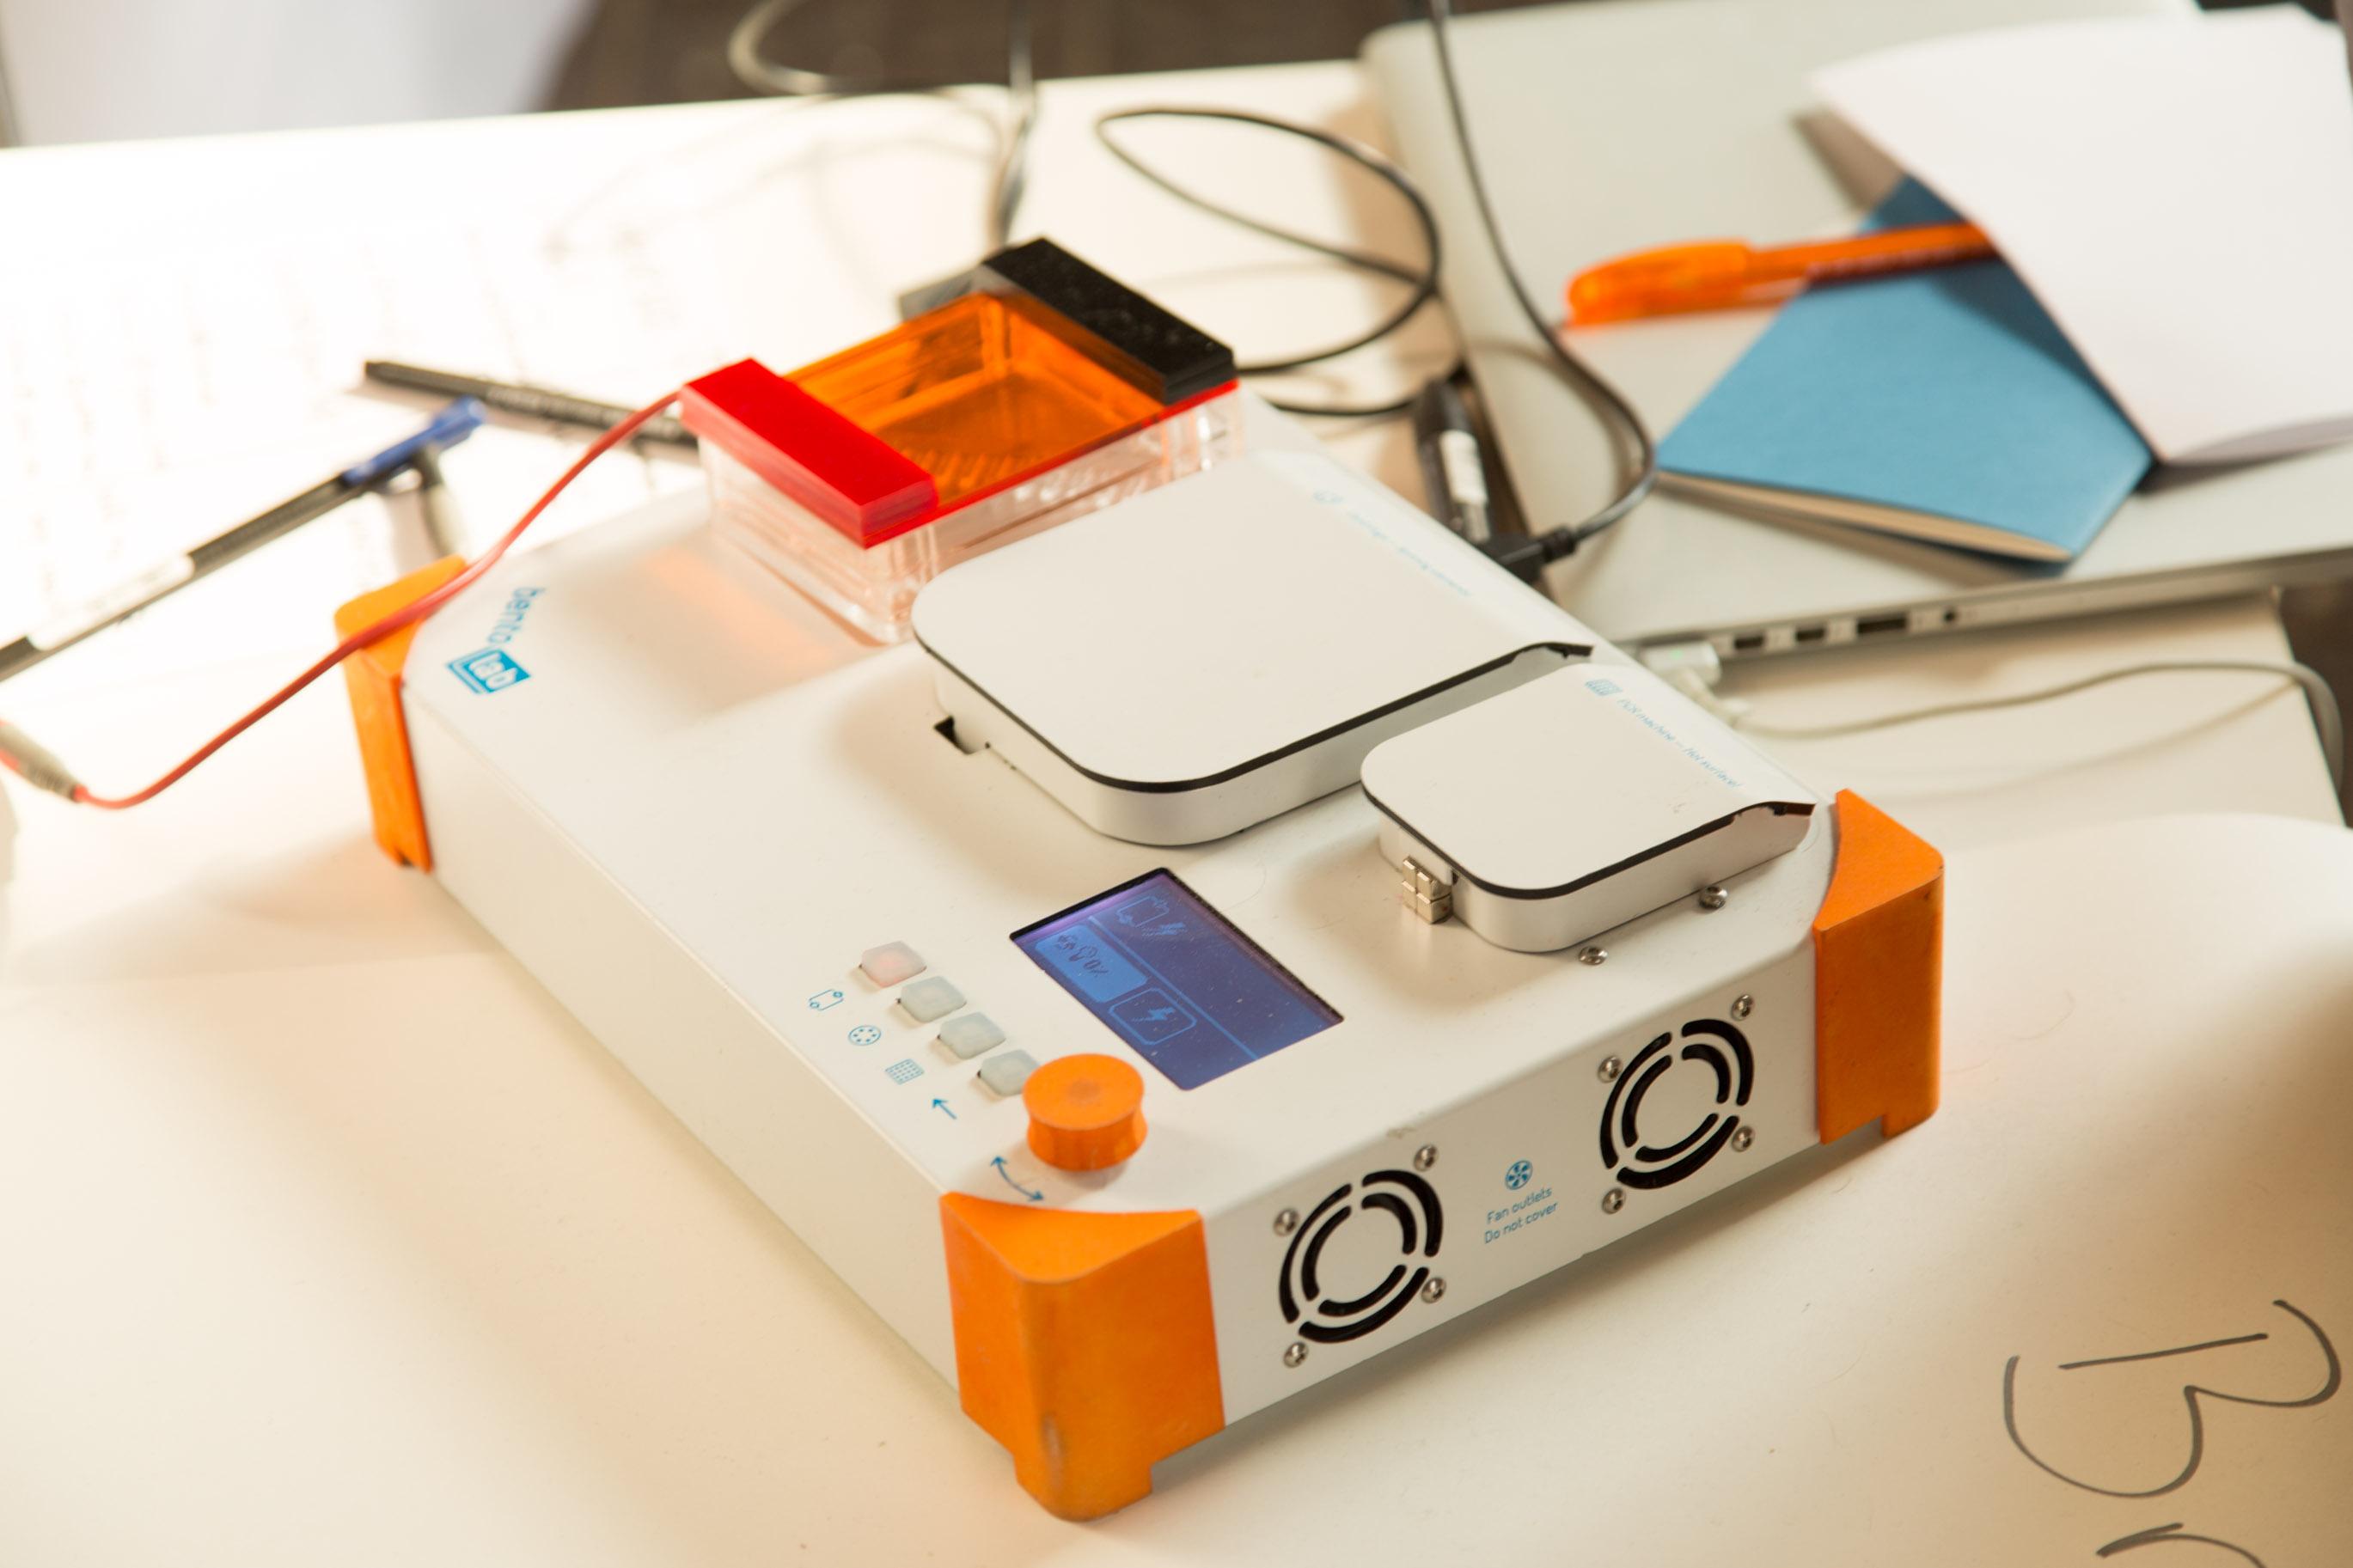 Bento Lab: Biohacking am Küchentisch - Das Bento Lab ist ein transportables Minilabor. (Foto: Martin Wolf/Golem.de)